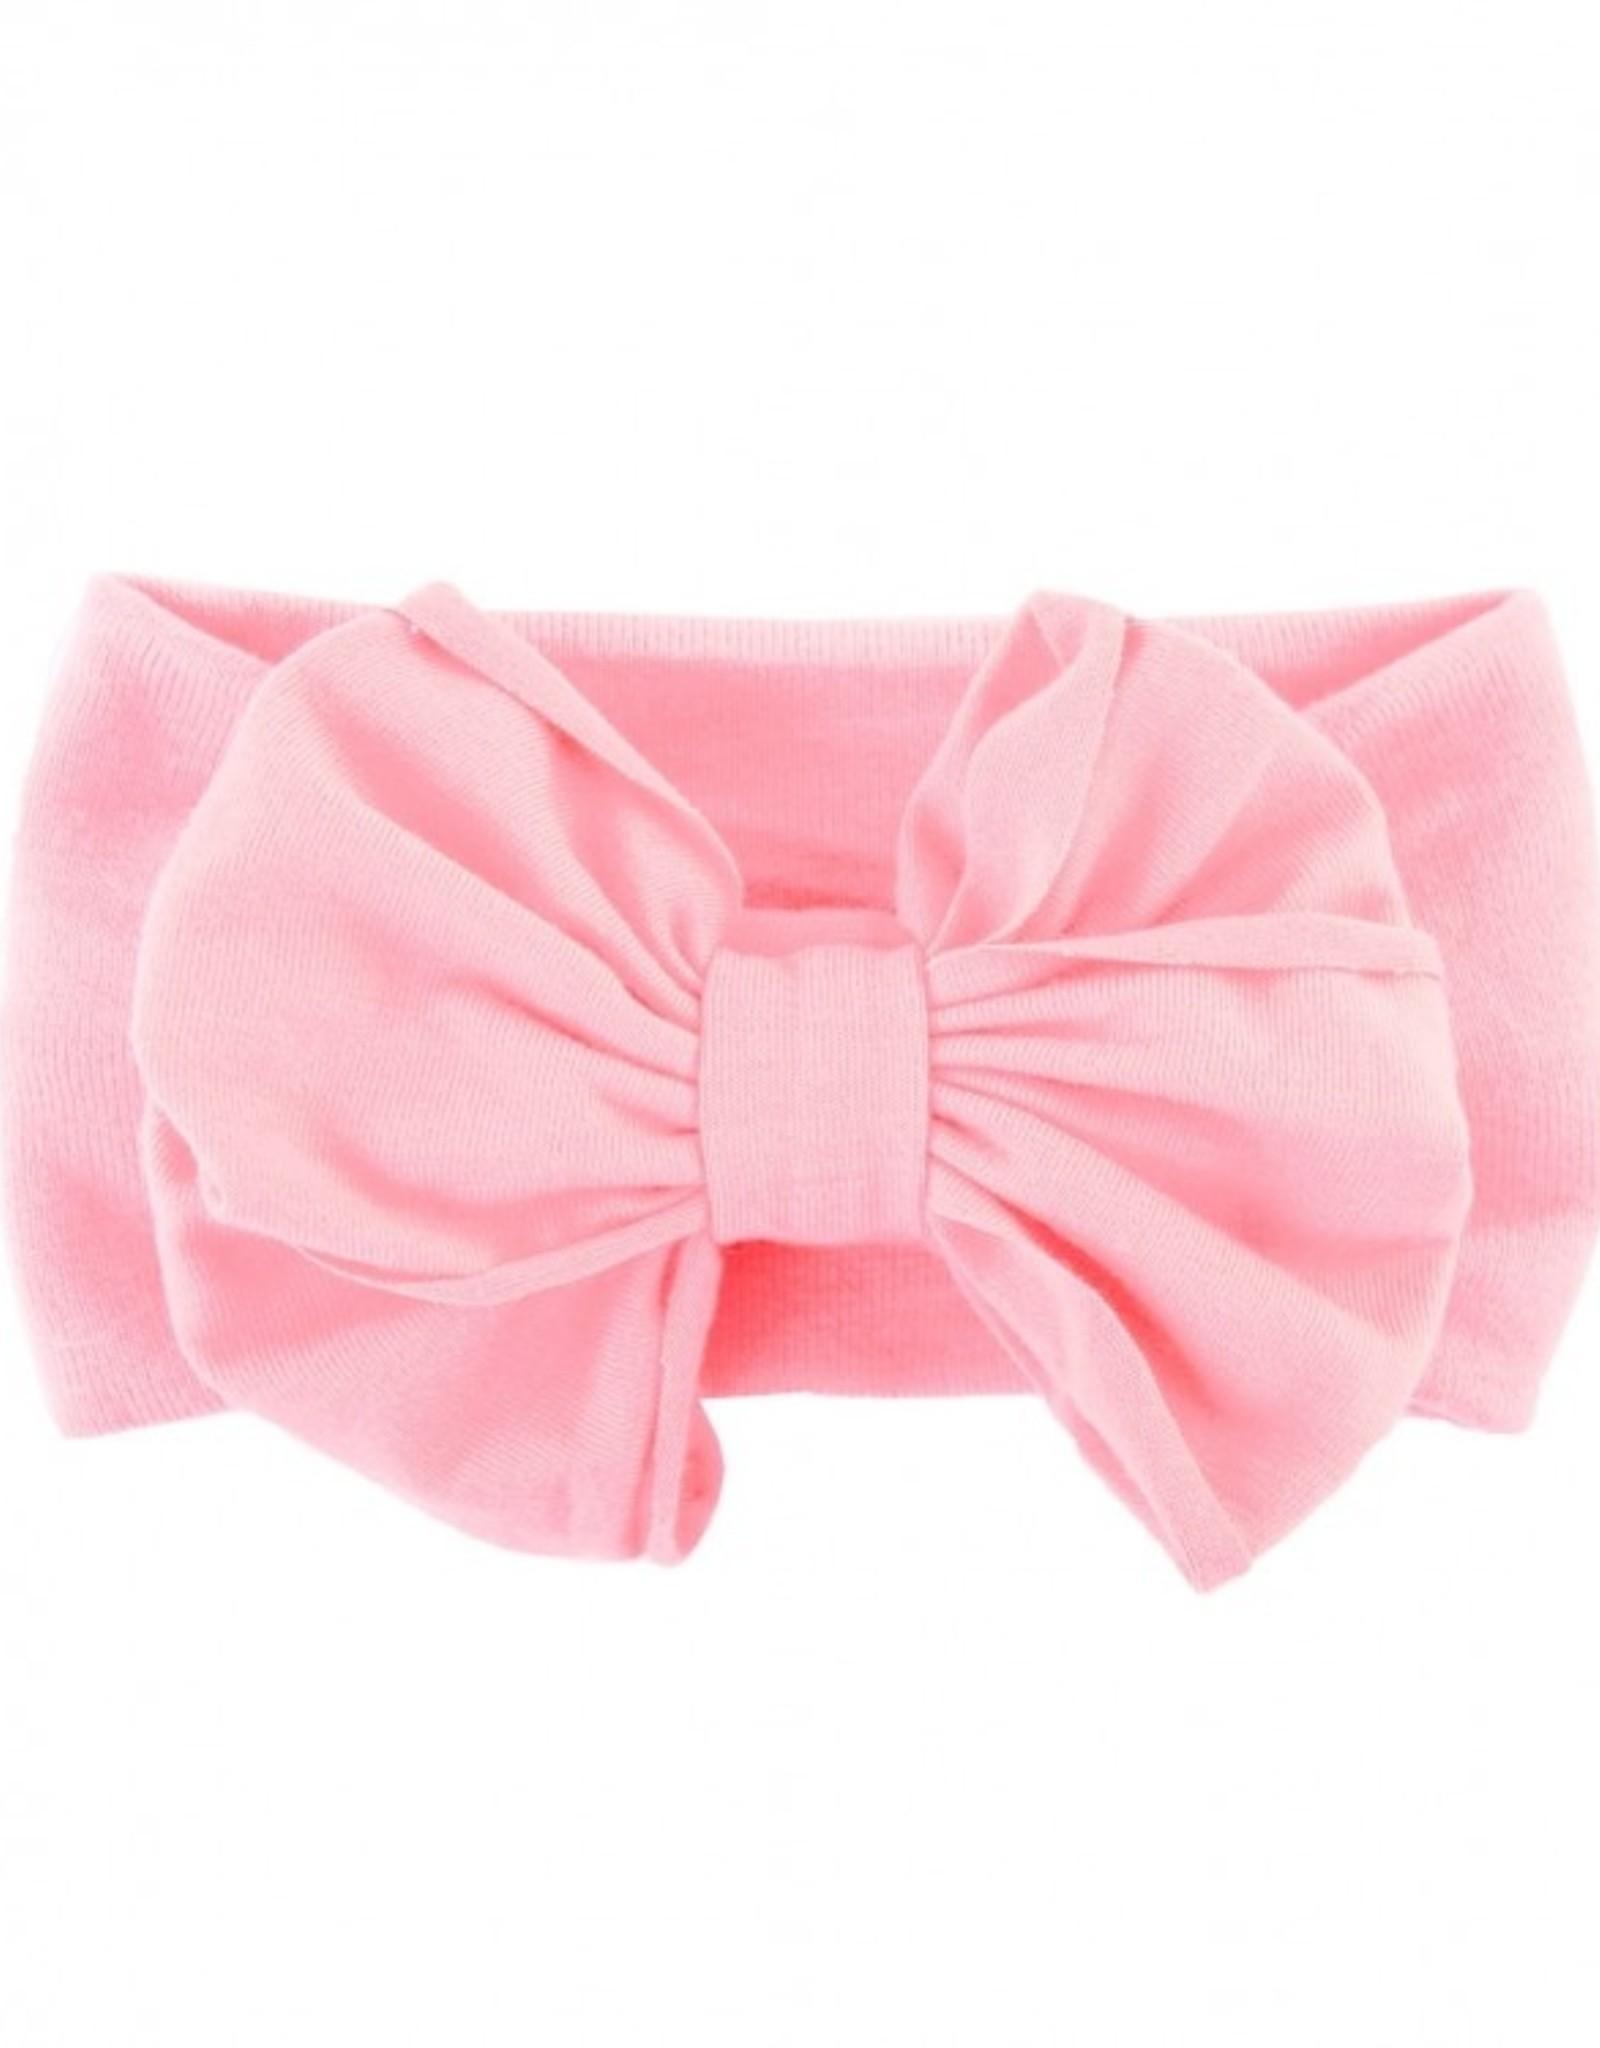 RuffleButts Pink Big Bow Headband - one size